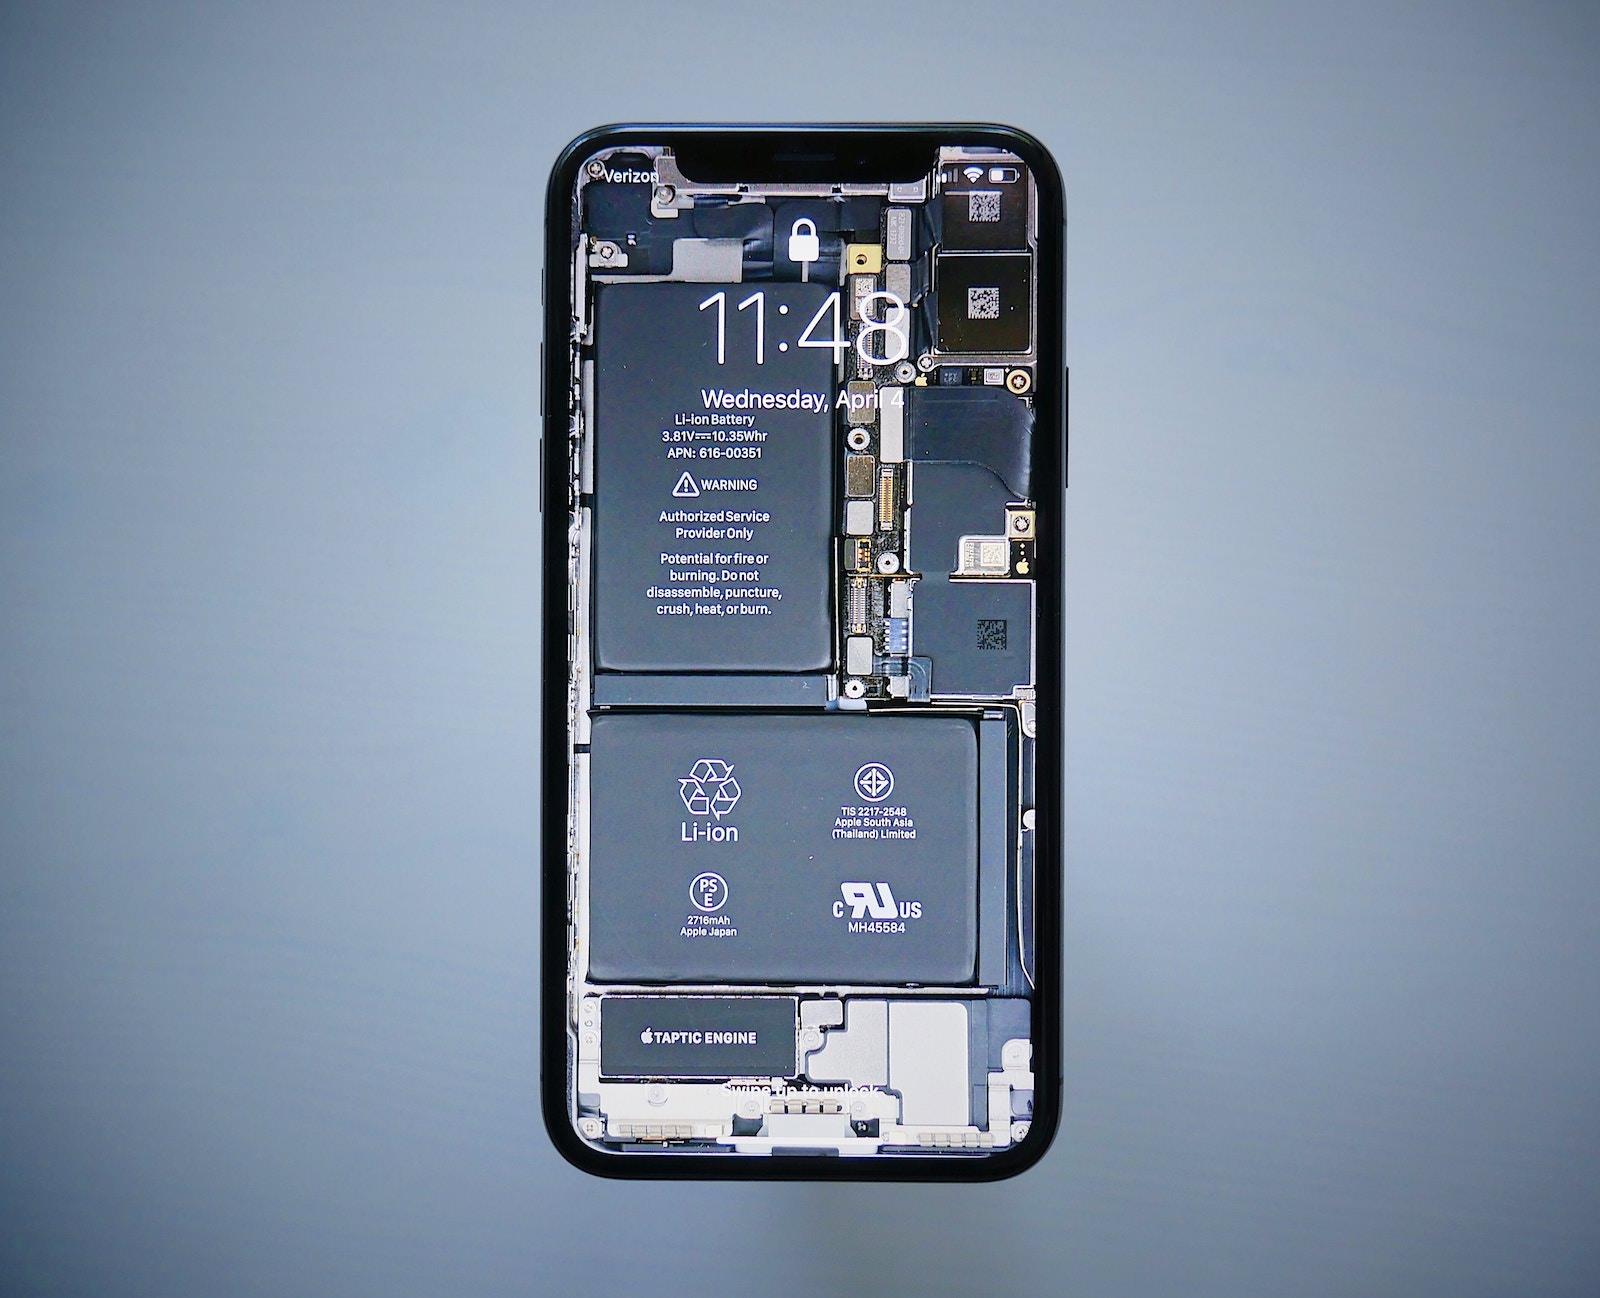 frankie-valentine-6XBEYe3G_08-unsplash-iphone-inside.jpg